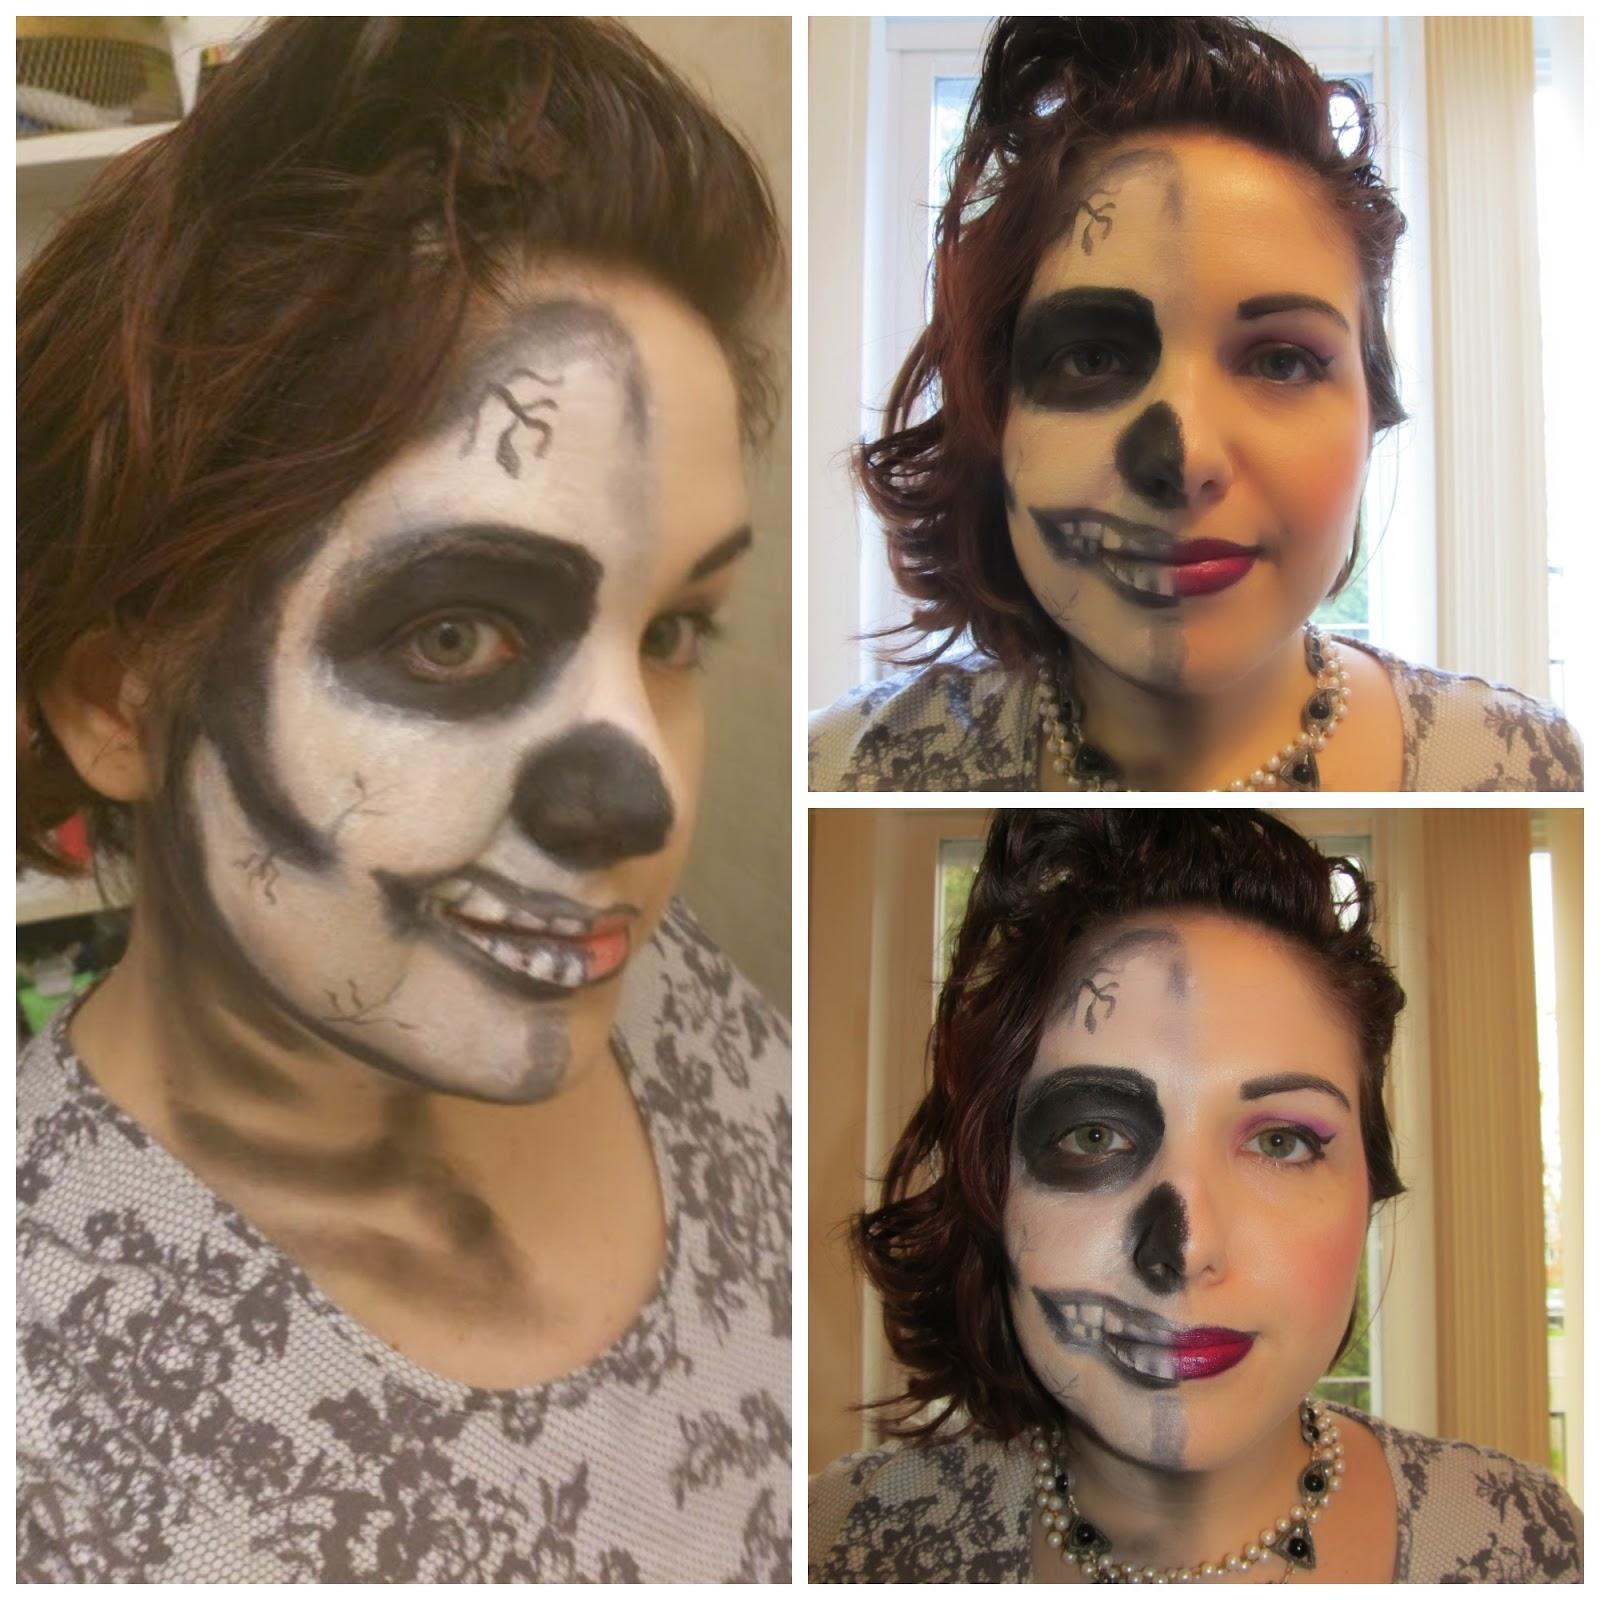 Retour sur ma journ e d 39 halloween 2013 etre radieuse par josianne brousseau - Maquillage halloween couple ...